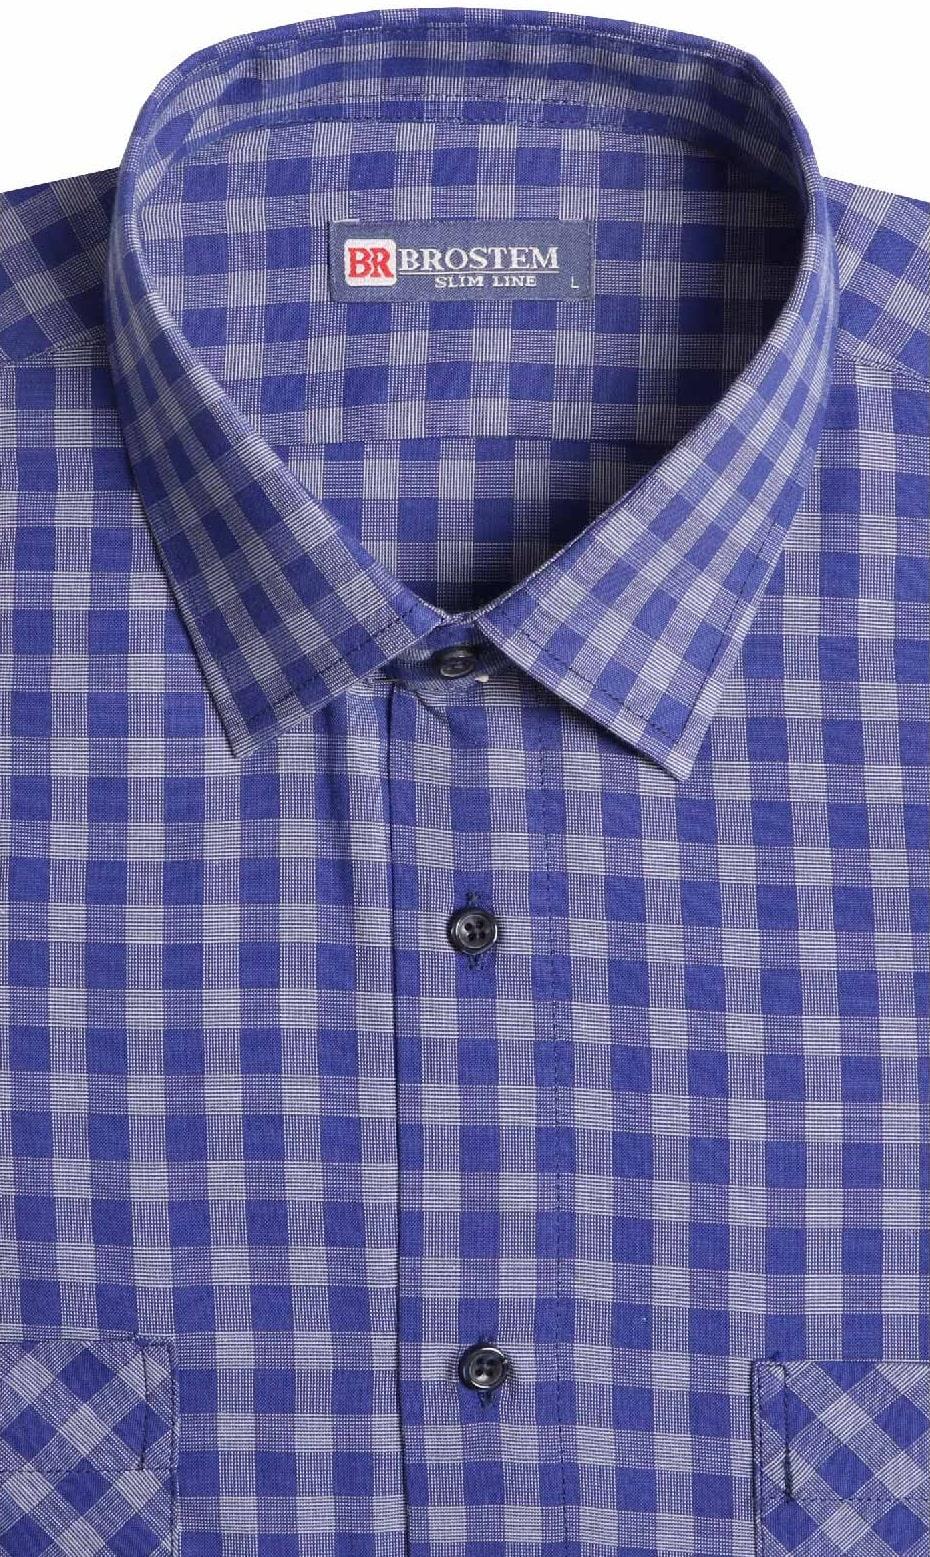 Стильная рубашка мужская Brostem 8LBR45-1